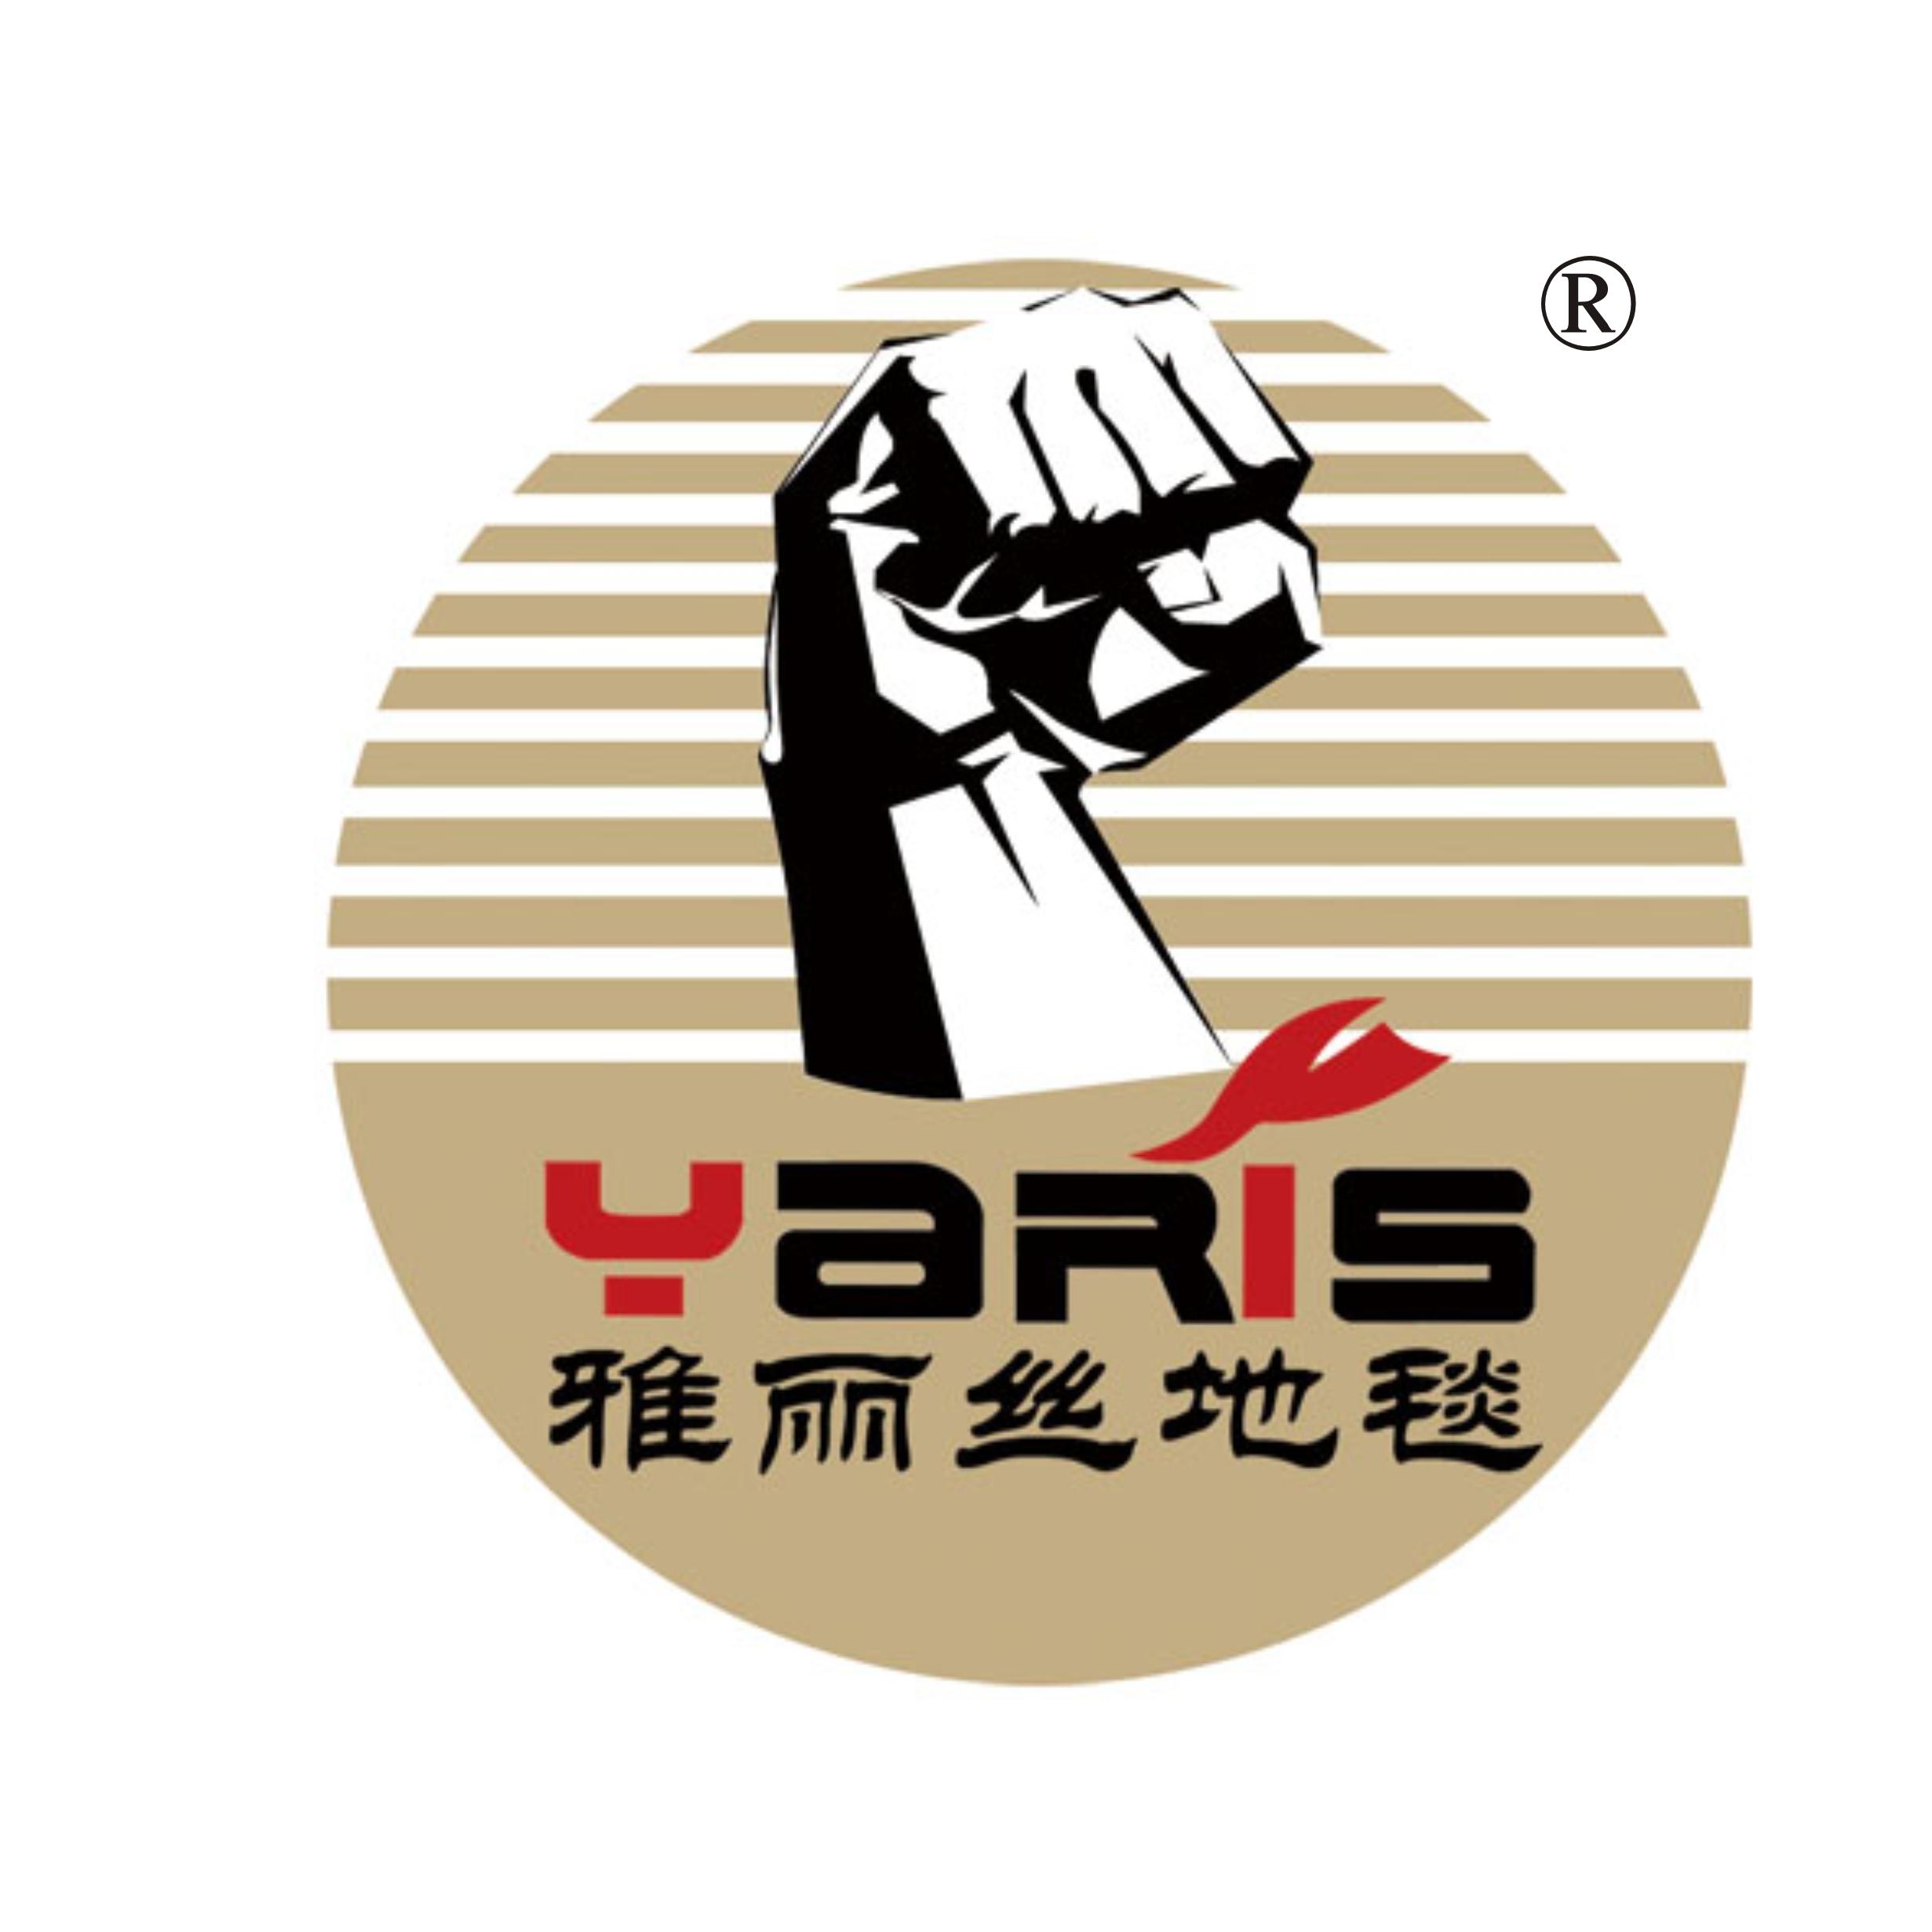 廣州雅邦地毯有限公司